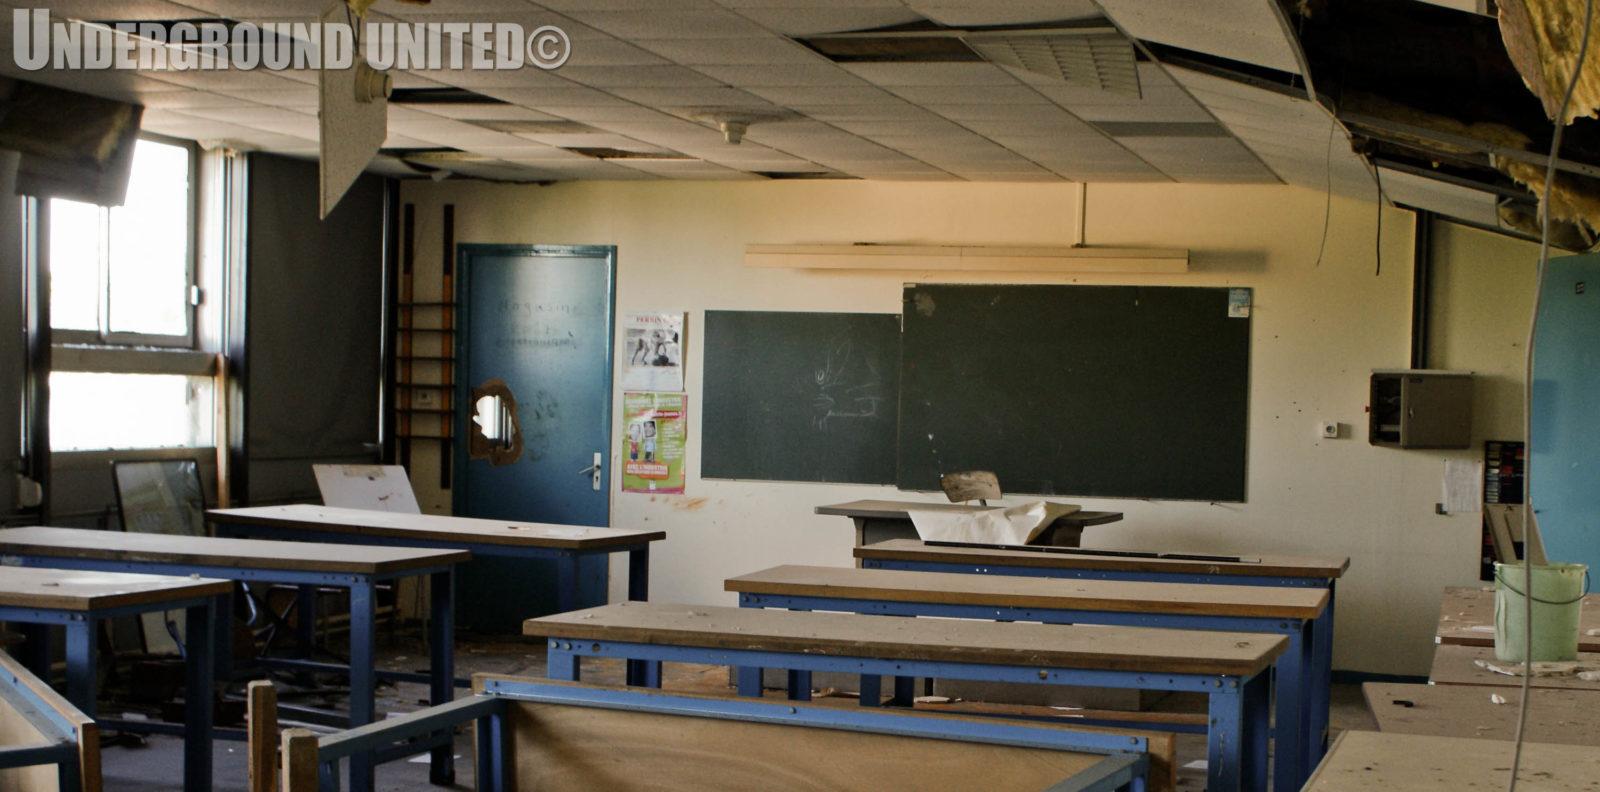 rentreescolaire college lieuxabandonnes urbex explorationurbaine radar allurbanmakers undergroundunited 111832o - De la maternelle à la fac, découvrez les plus belles écoles abandonnées !